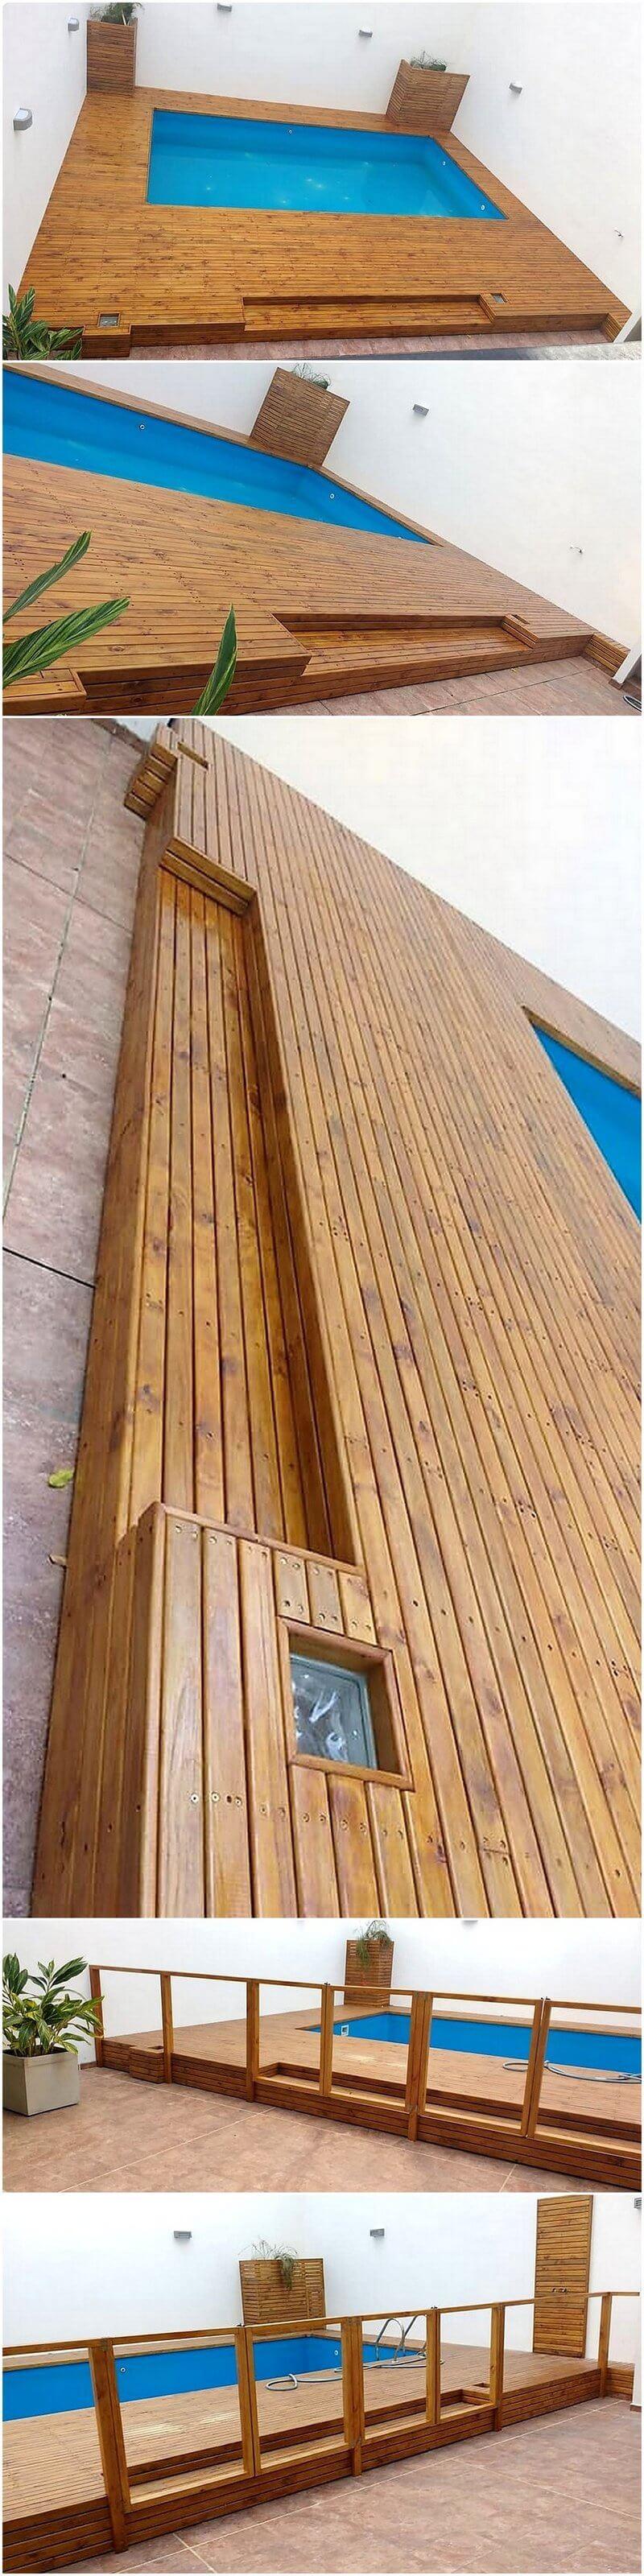 wood pallet pool plan